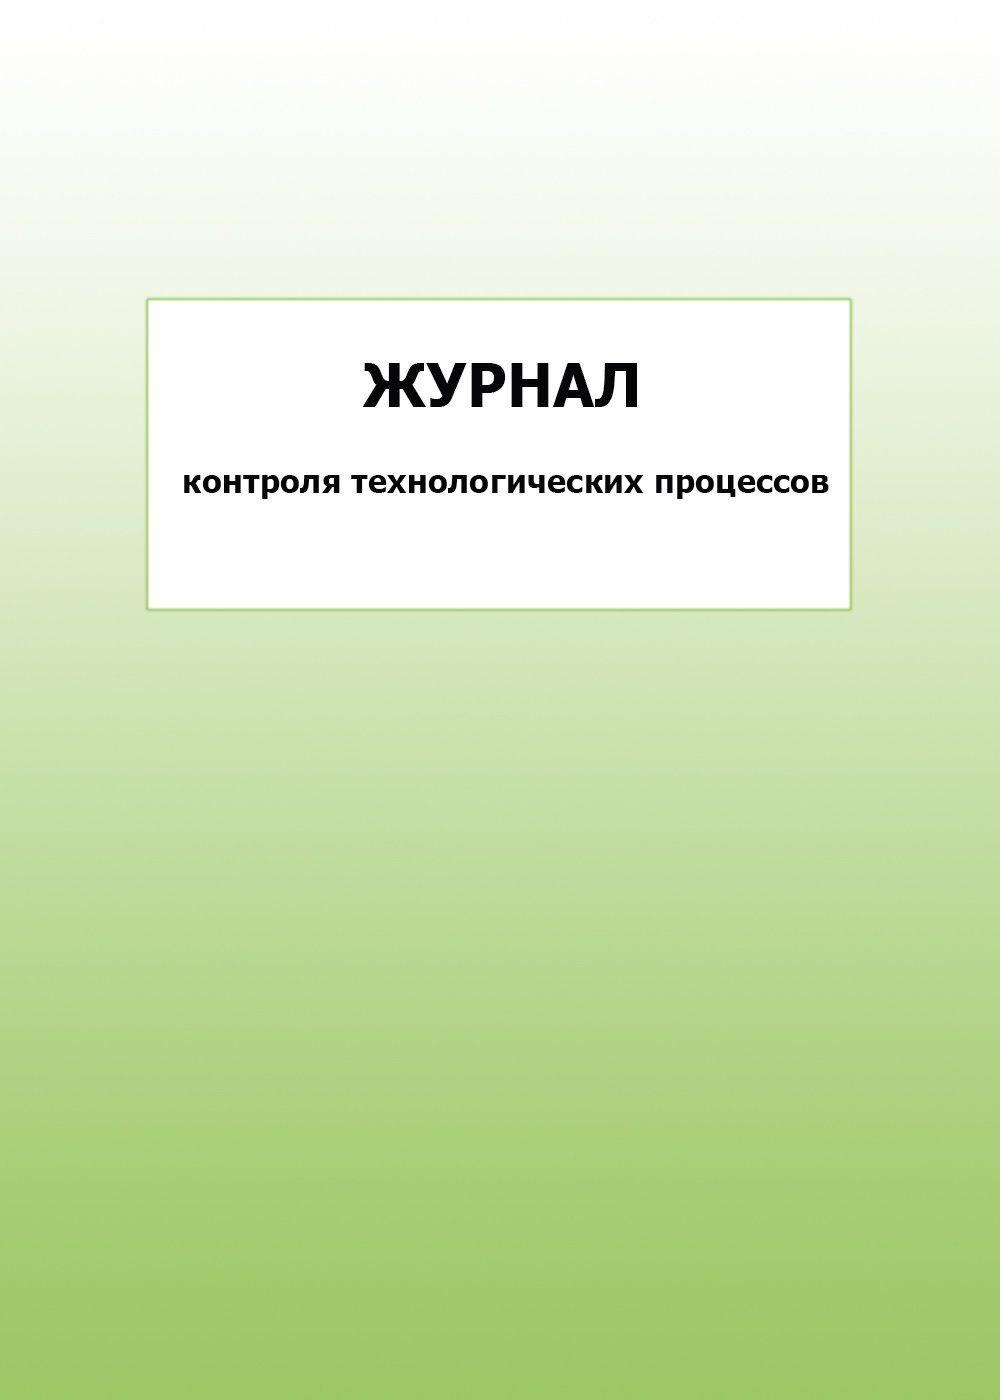 Журнал контроля технологических процессов: упаковка 100 шт.